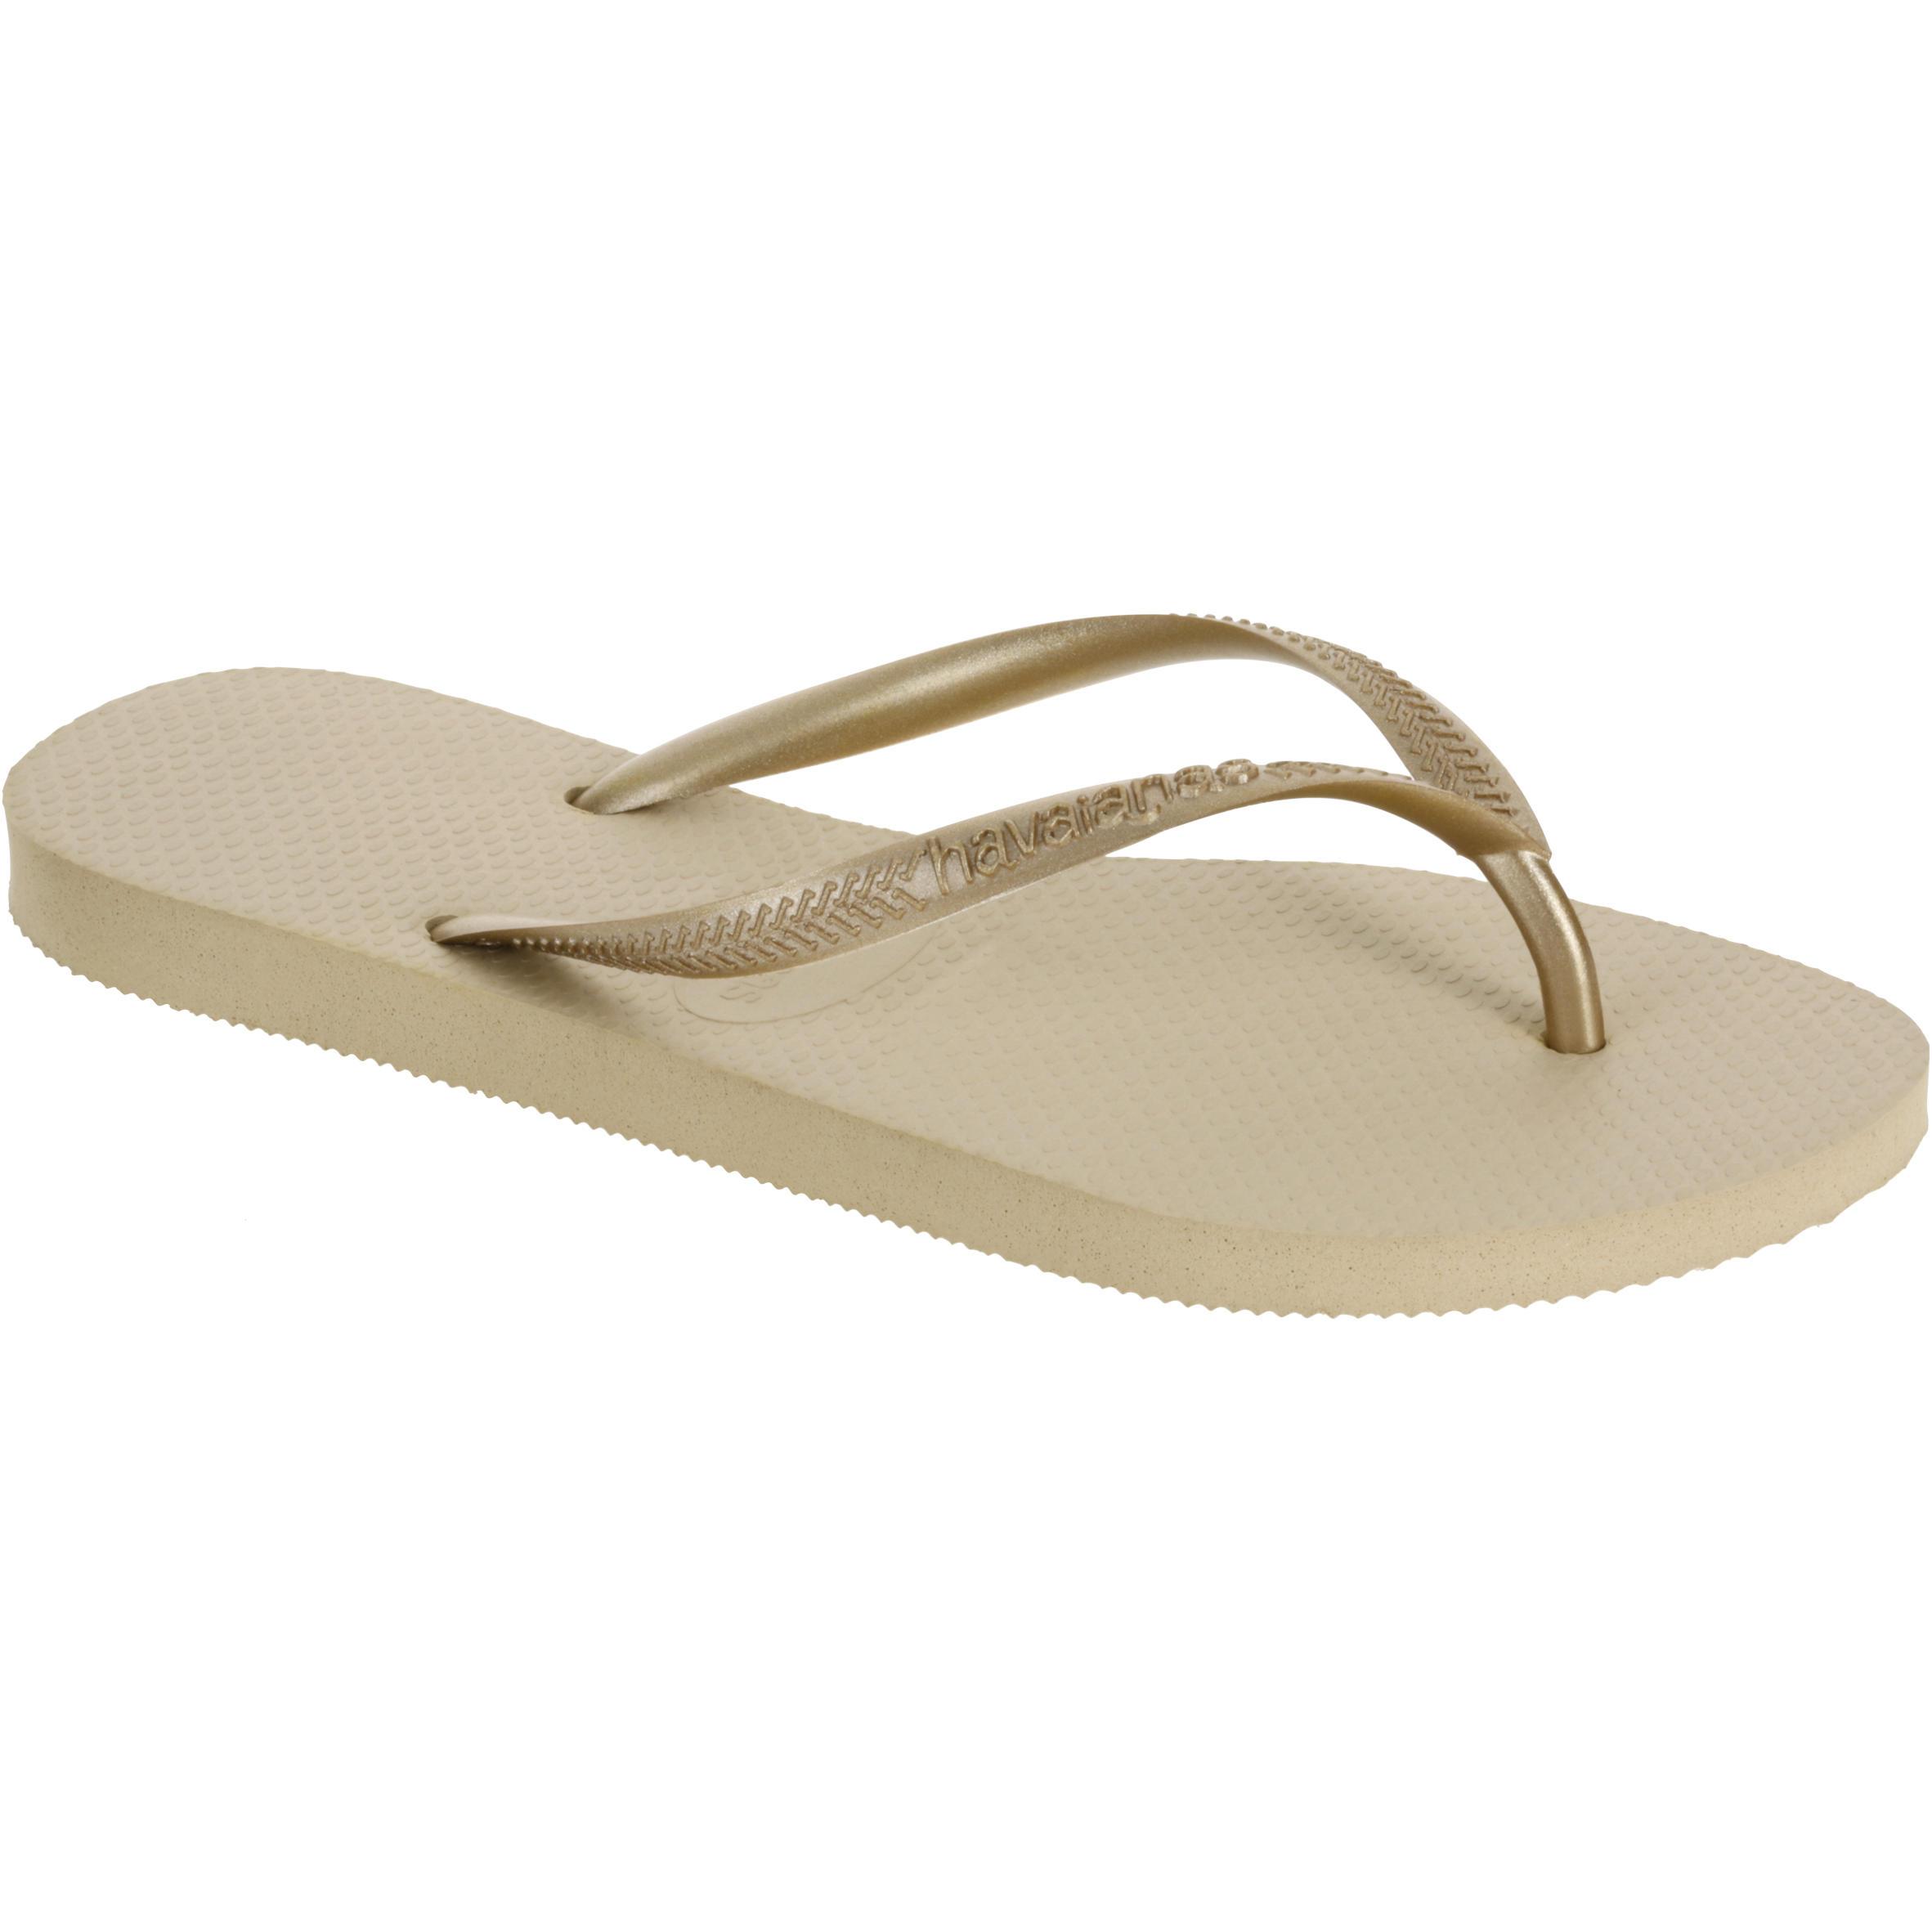 Havaianas SLIM Teenslippers sand grey/light golden